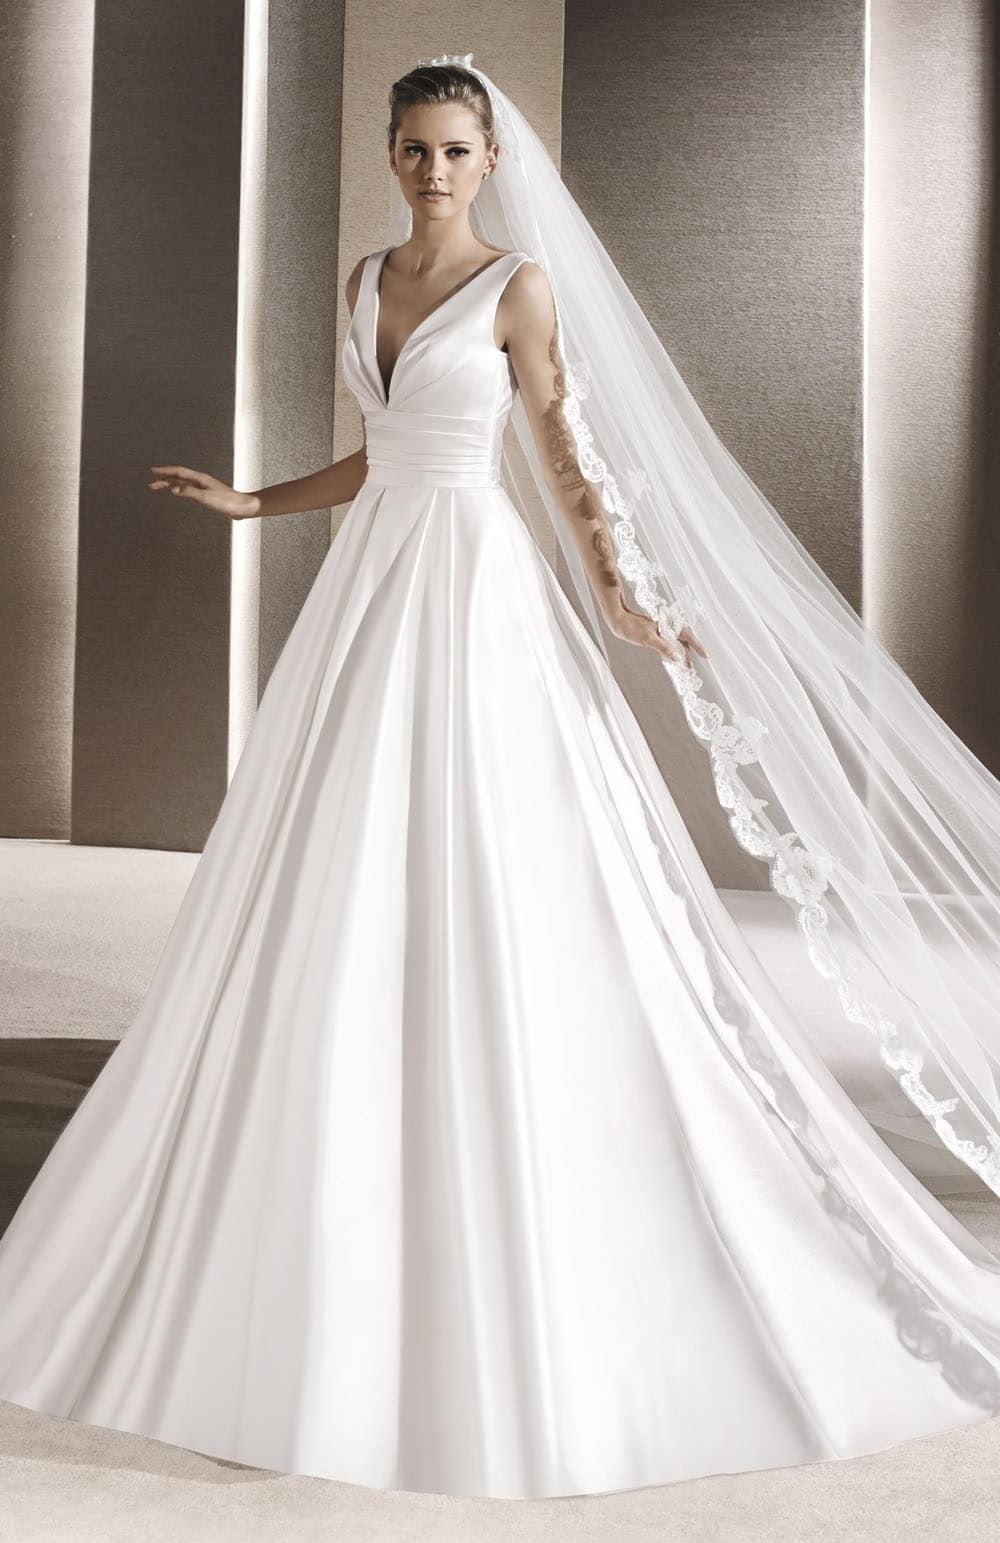 Robe de mariée Modèle Ralea